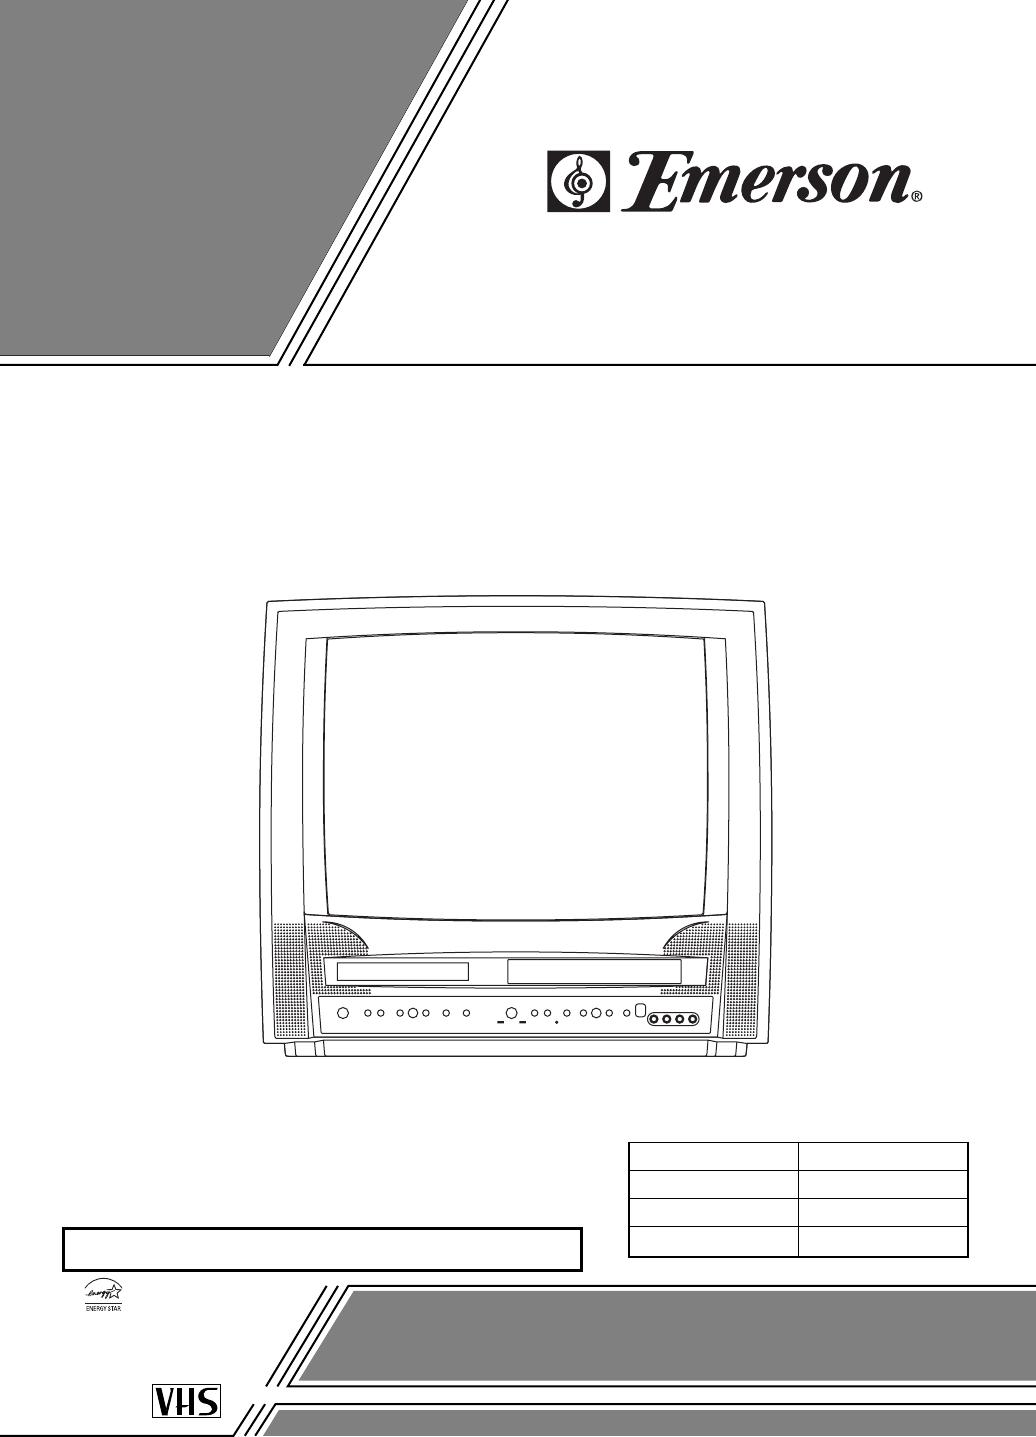 Emerson Tv Vcr Combo Ewc19t4 User Guide